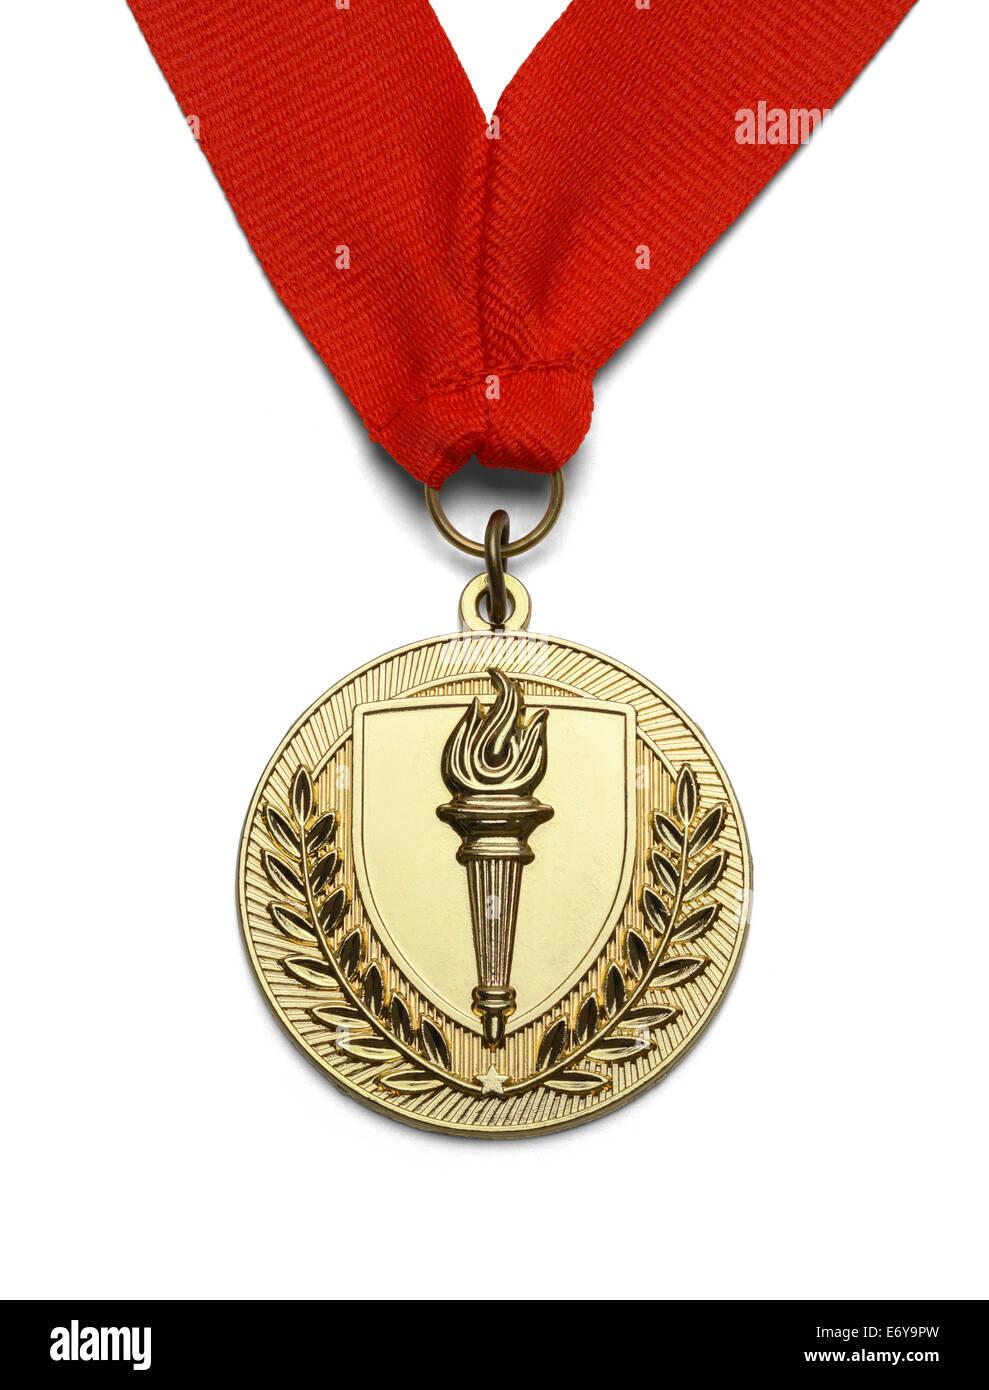 Médaille d'or avec une torche et ruban rouge isolé sur fond blanc. Photo Stock